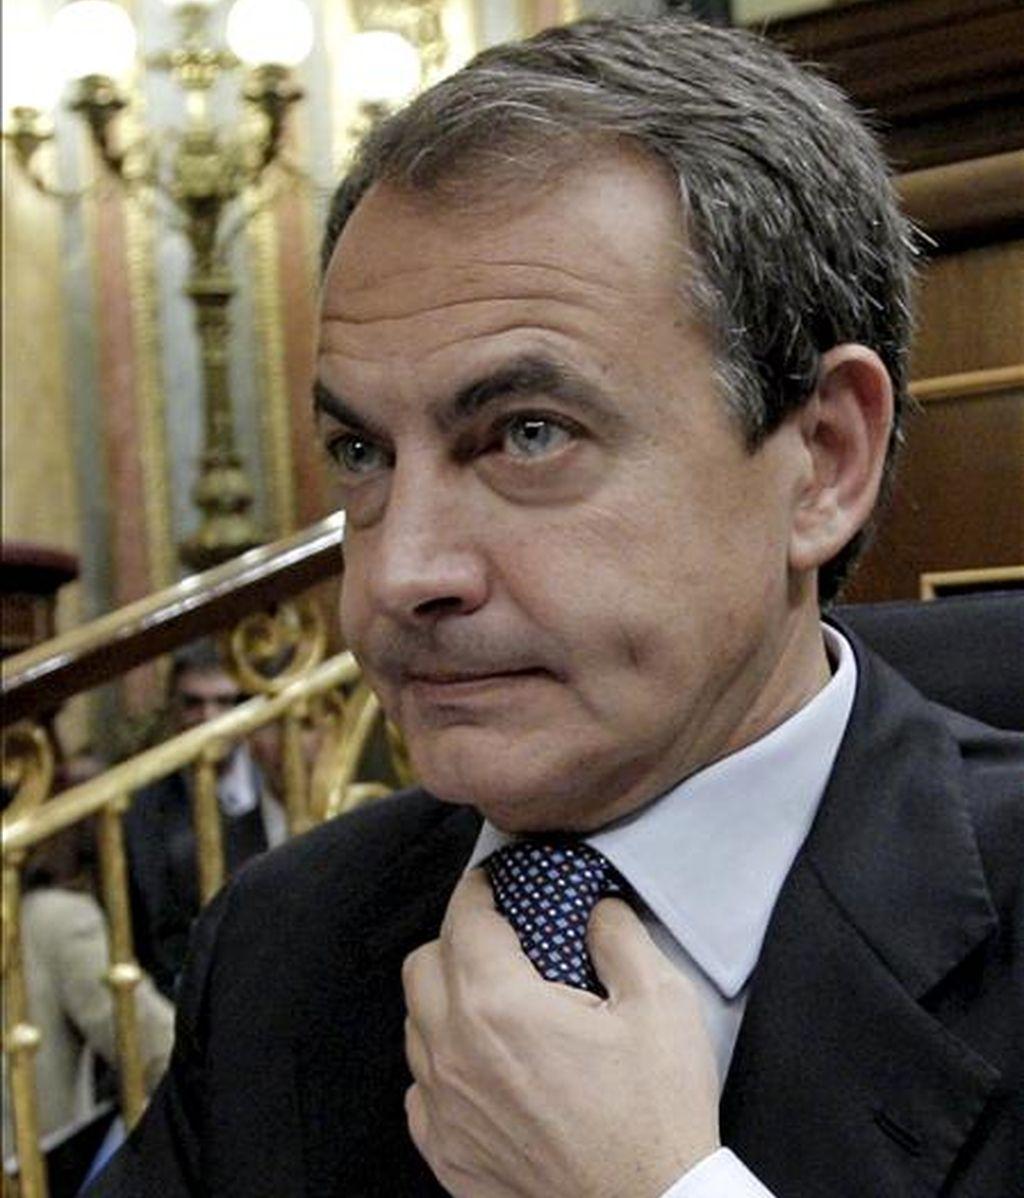 El presidente del Gobierno, José Luis Rodríguez Zapatero, durante la sesión de control al Ejecutivo celebrada hoy en el Congreso de los Diputados en la que ha anunciado una rebaja fiscal para las pymes, el fin de la prestación de 426 euros a partir de febrero y la privatización de la gestión de los aeropuertos de Barajas y el Prat. EFE